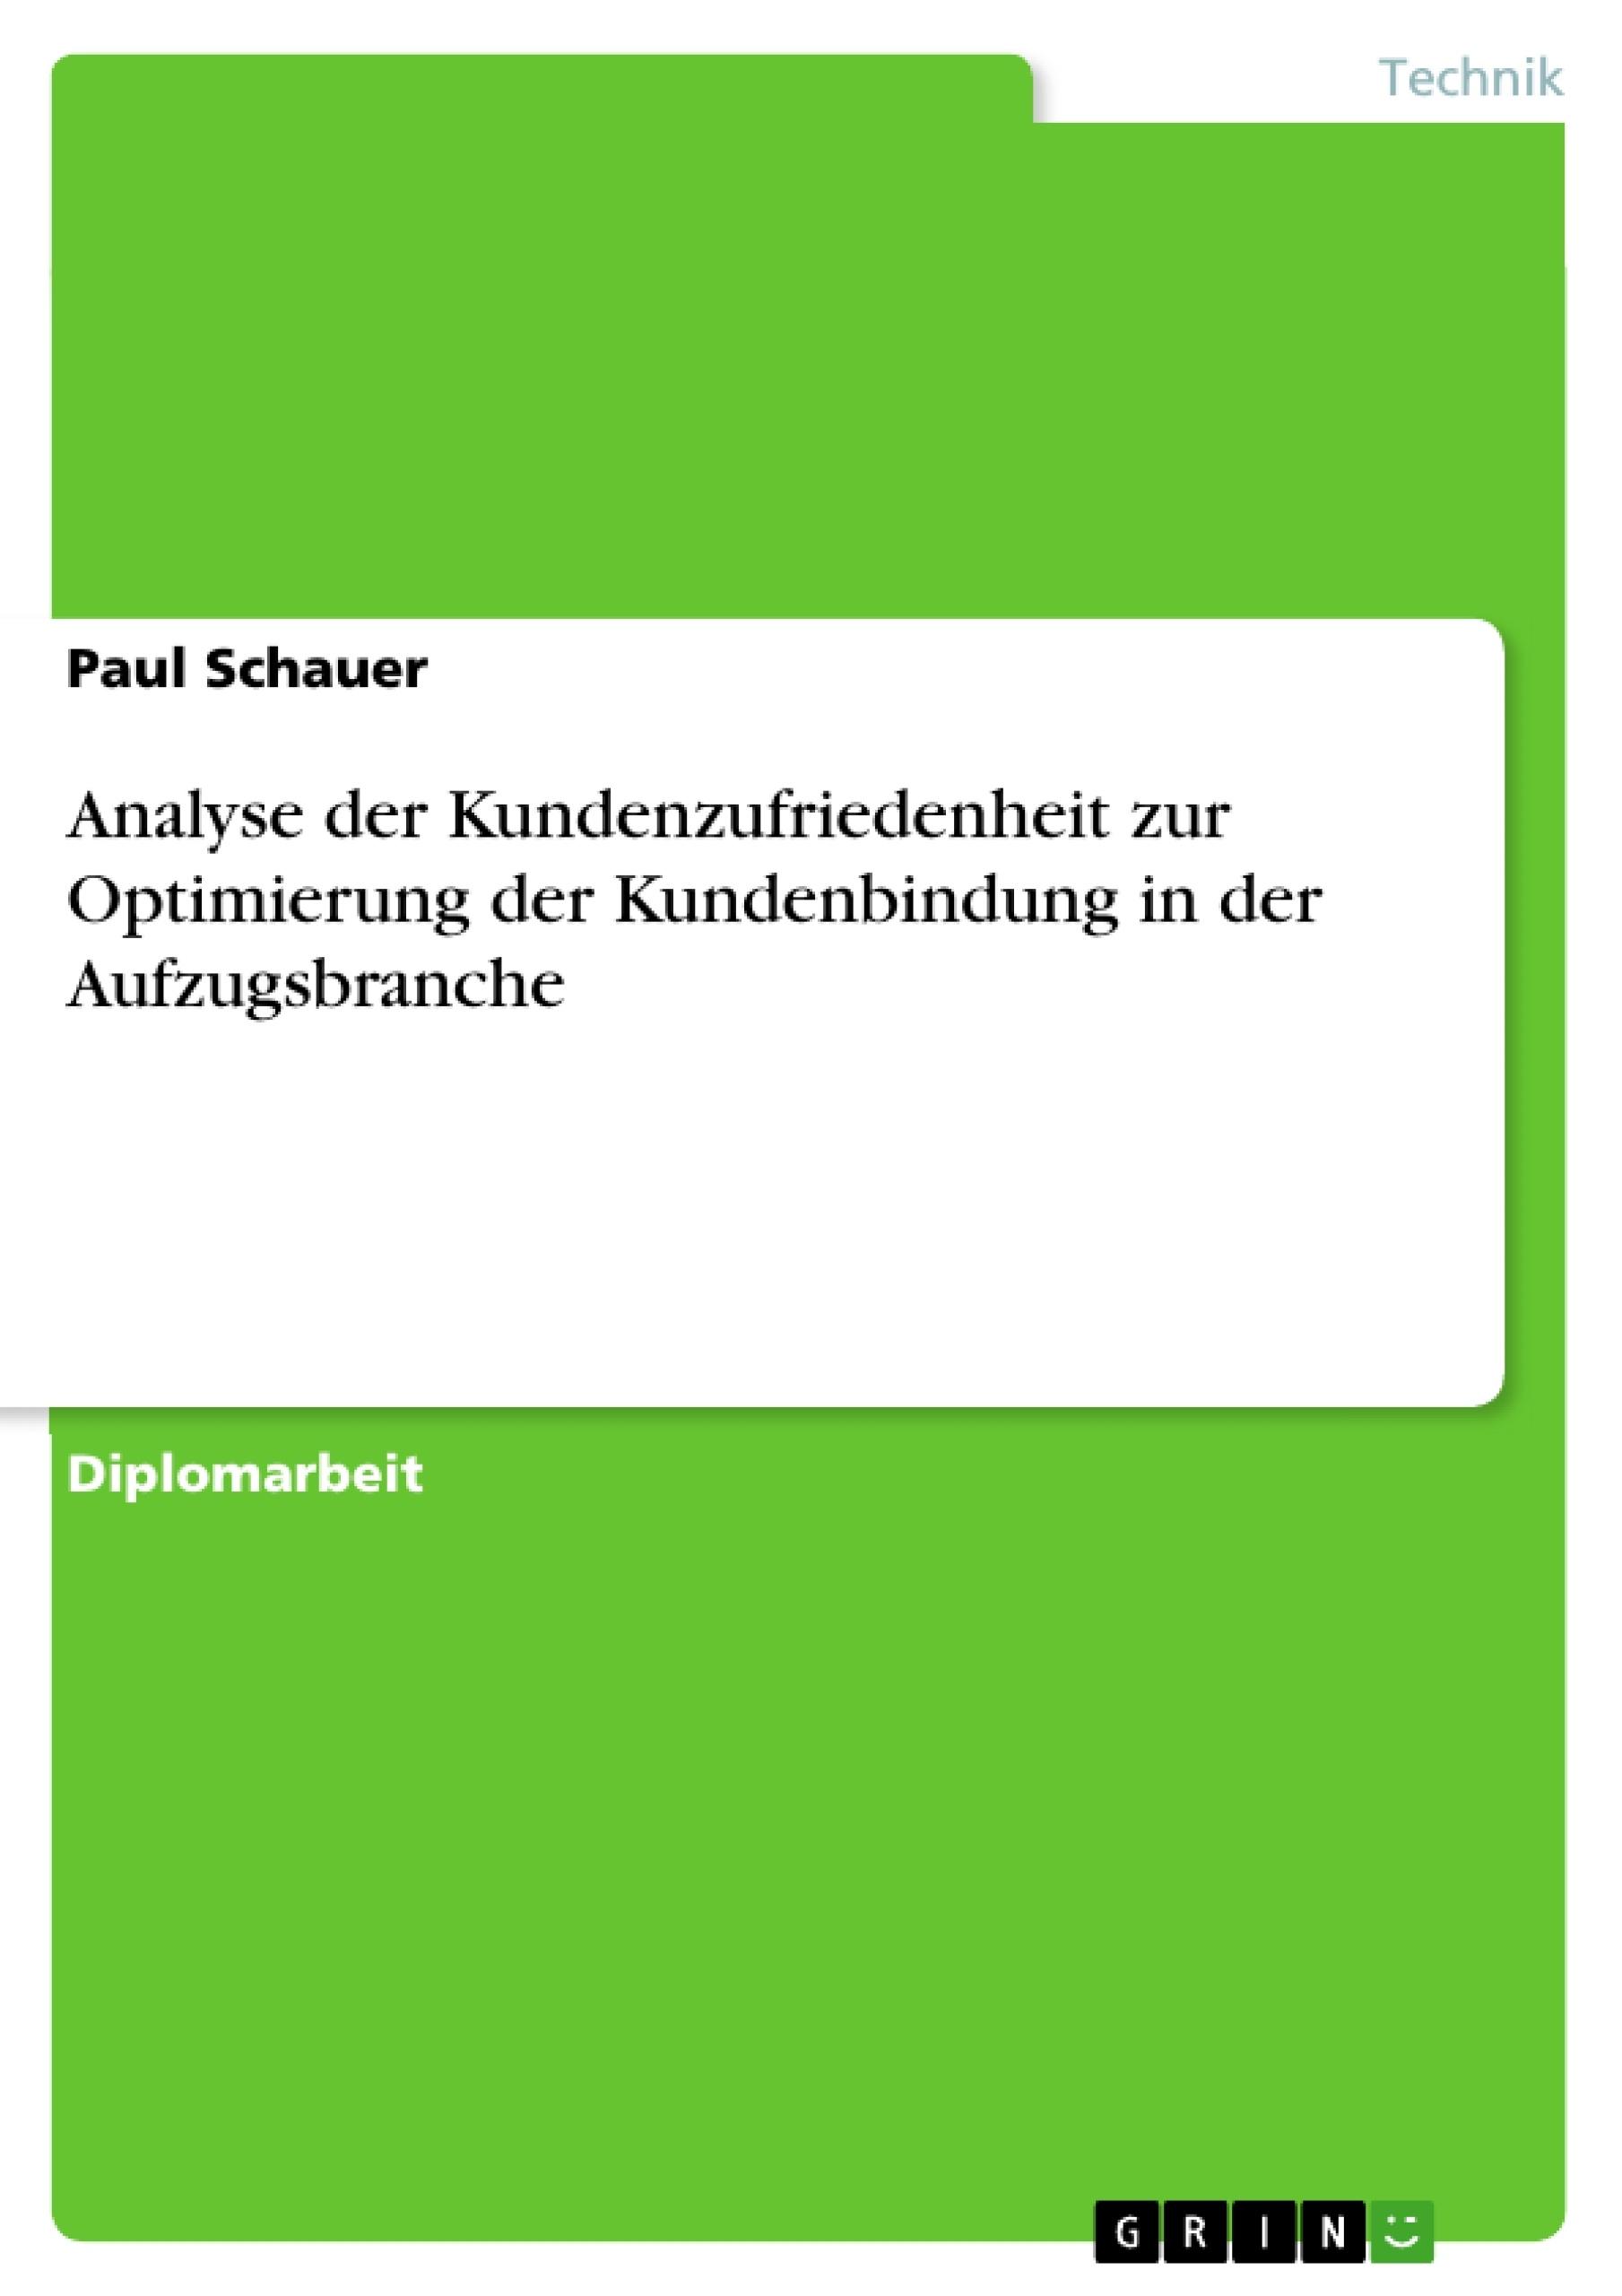 Titel: Analyse der Kundenzufriedenheit zur Optimierung der Kundenbindung in der Aufzugsbranche